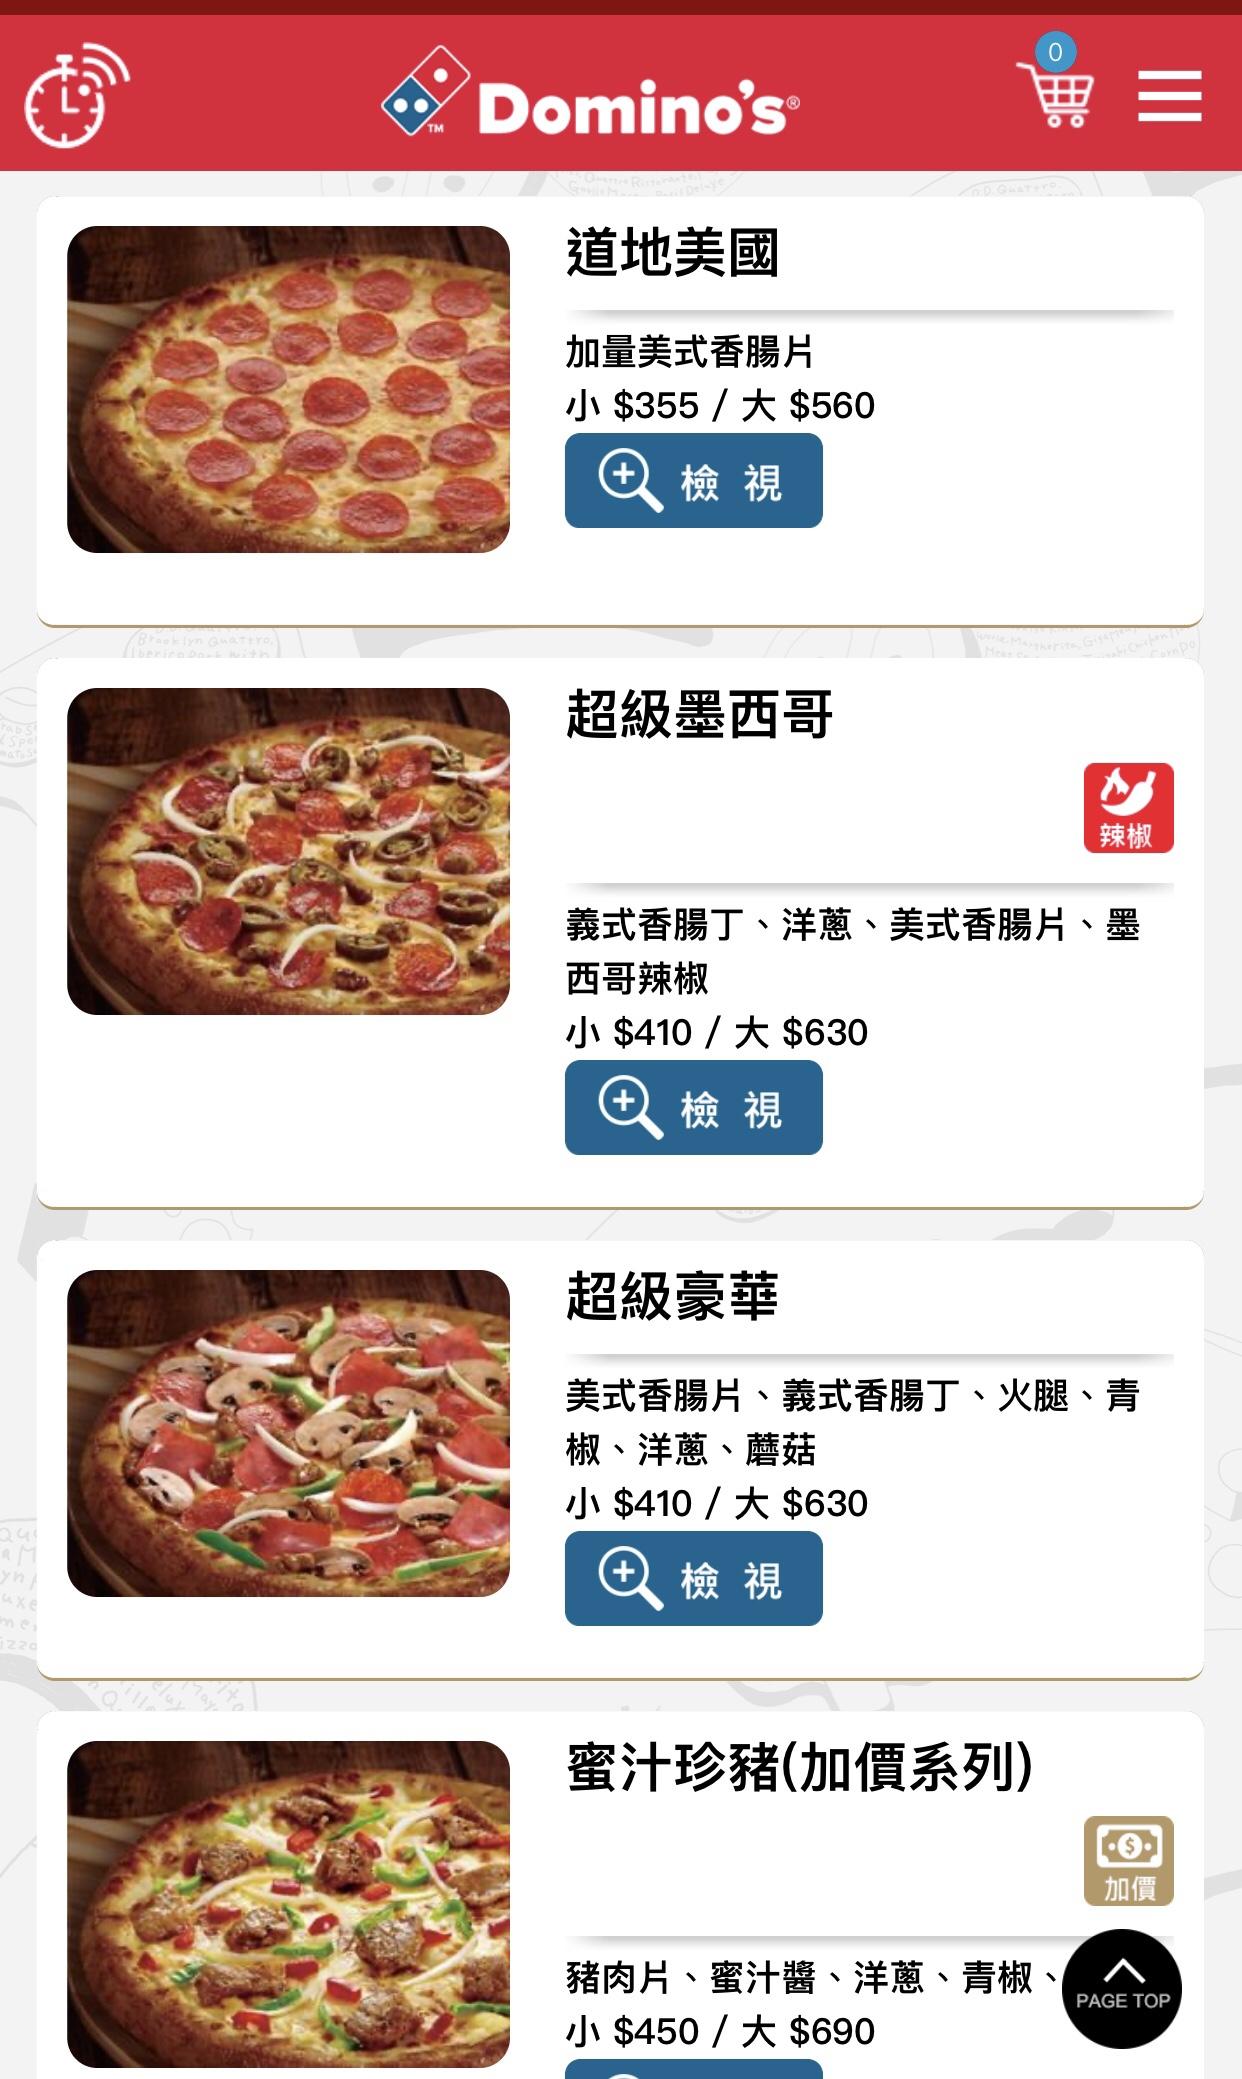 【菜單】達美樂菜單 – 2020年新菜單 達美樂DOMINO'S PIZZA價目表 (持續更新中)   癡吃的玩